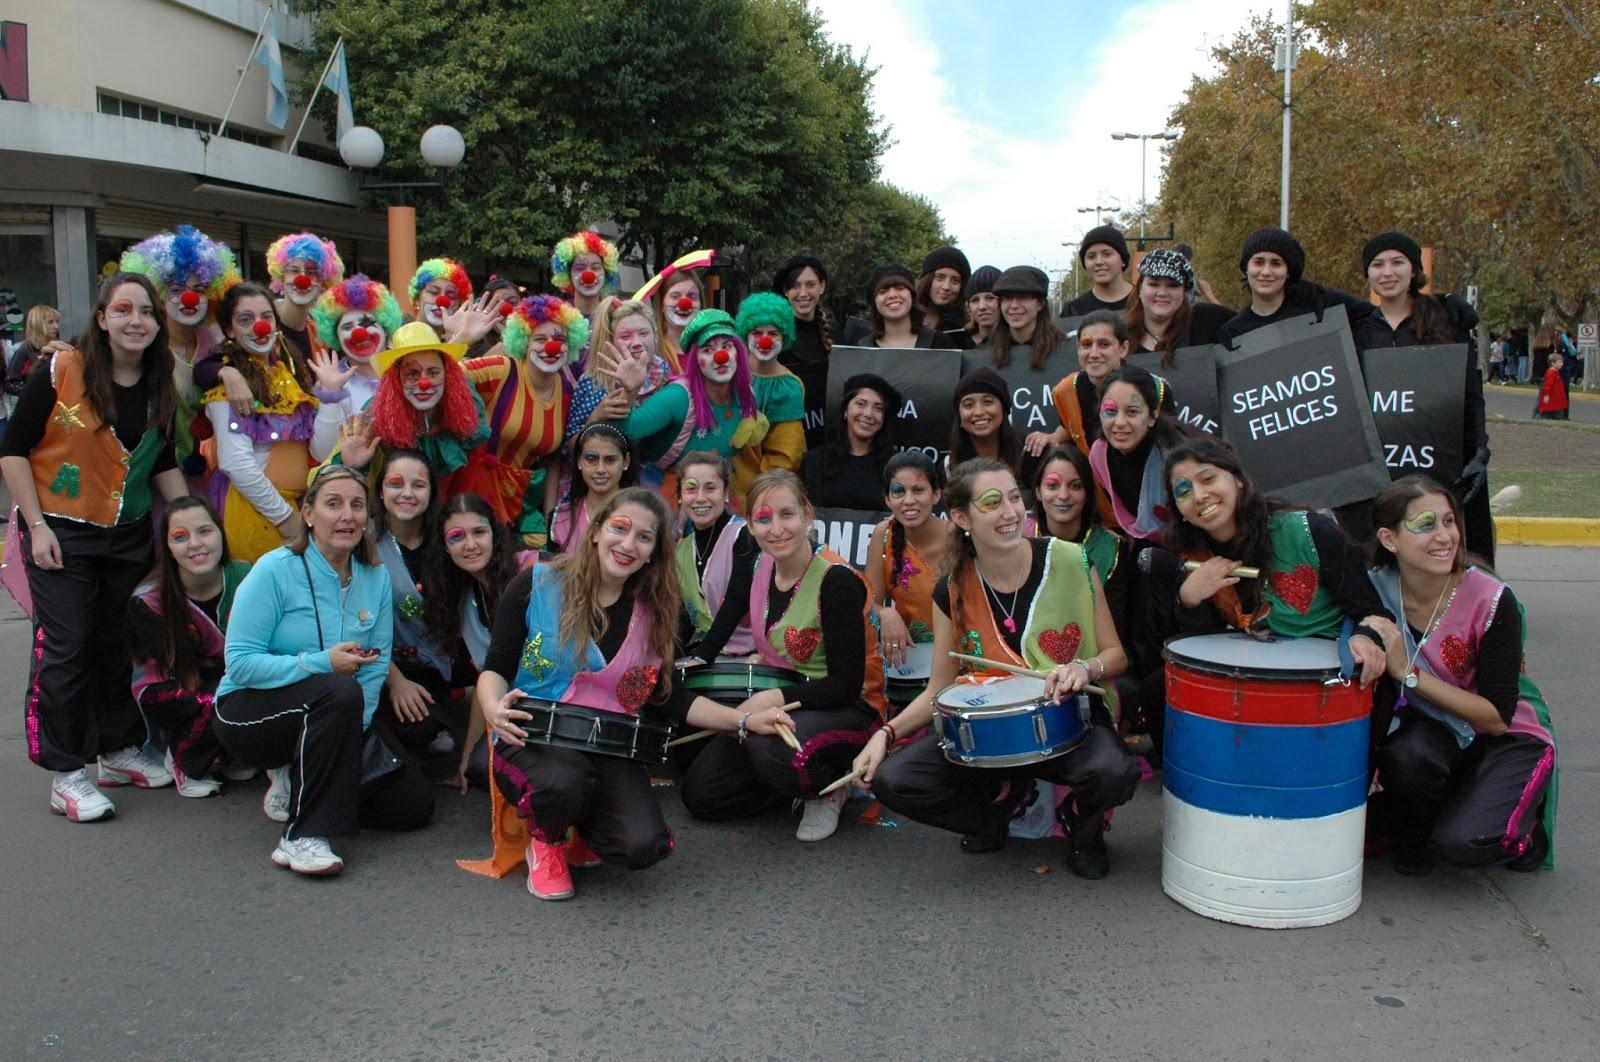 Se realizo el tradicional desfile de jardines de infantes for Jardin de infantes